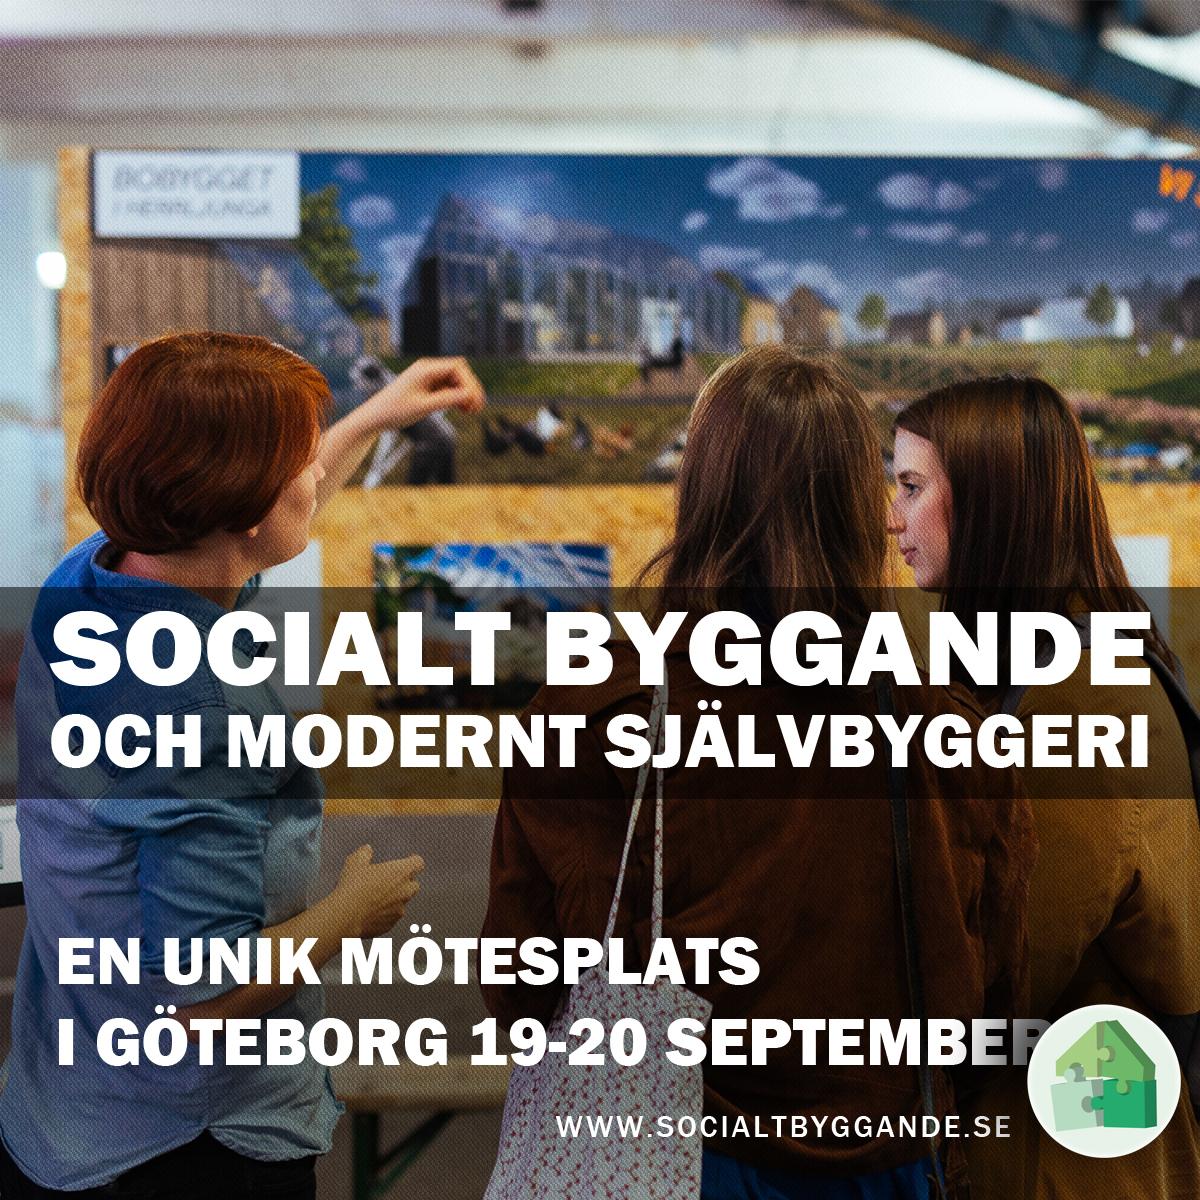 konferens_socialt_byggande_delningsbild-1-instagram.jpg